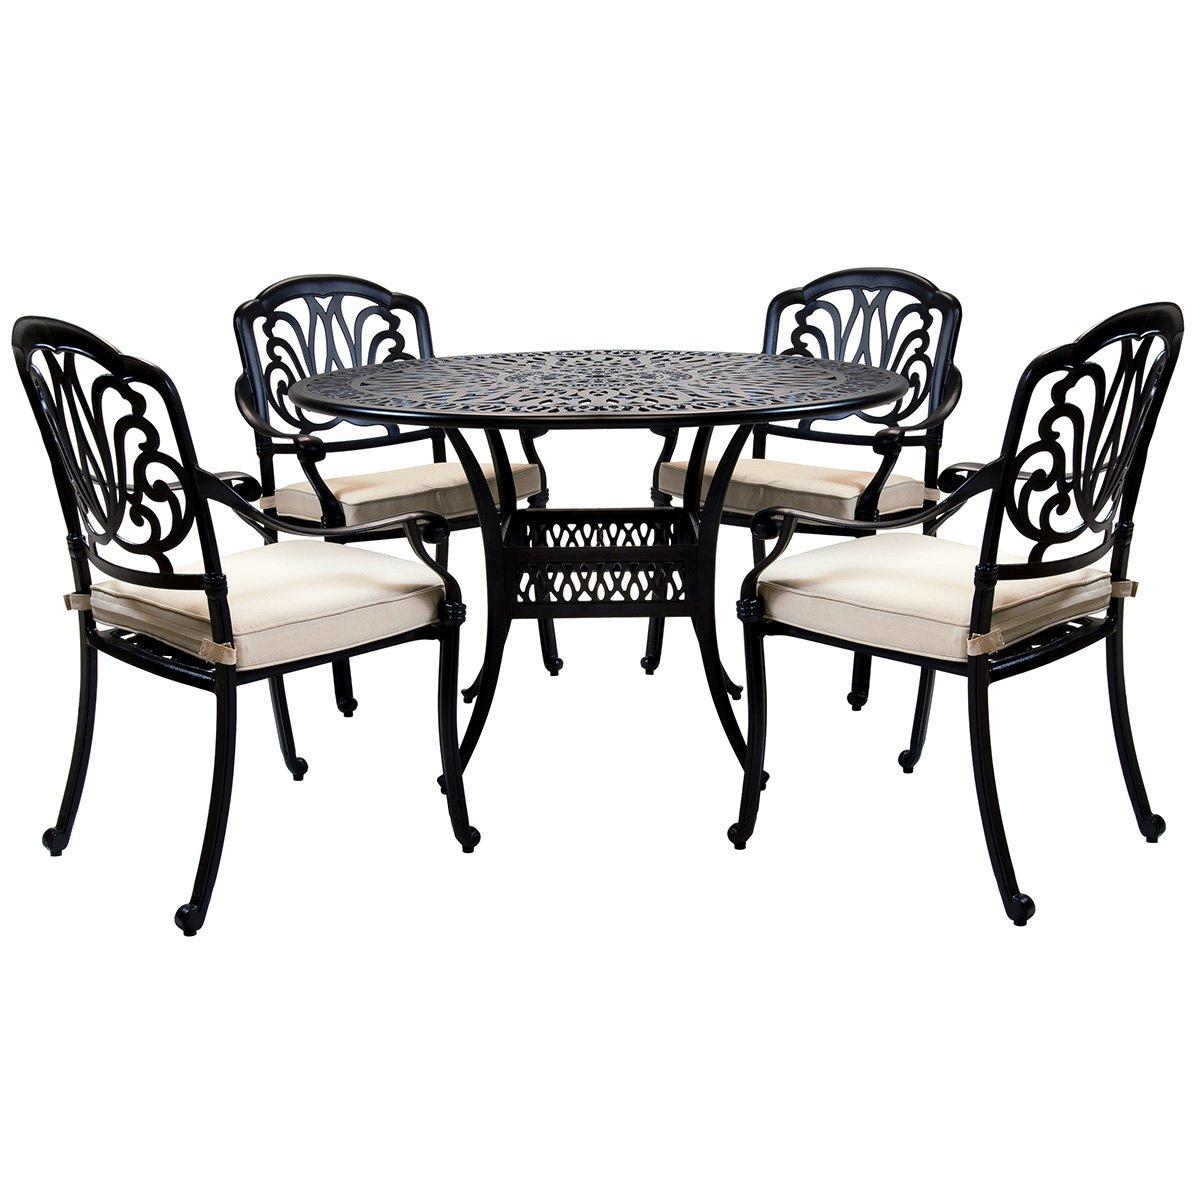 Bentley Garden - Sitzgruppe mit 4 Stühlen - Aluminiumguss - Für Garten & Terrasse - Schwarz